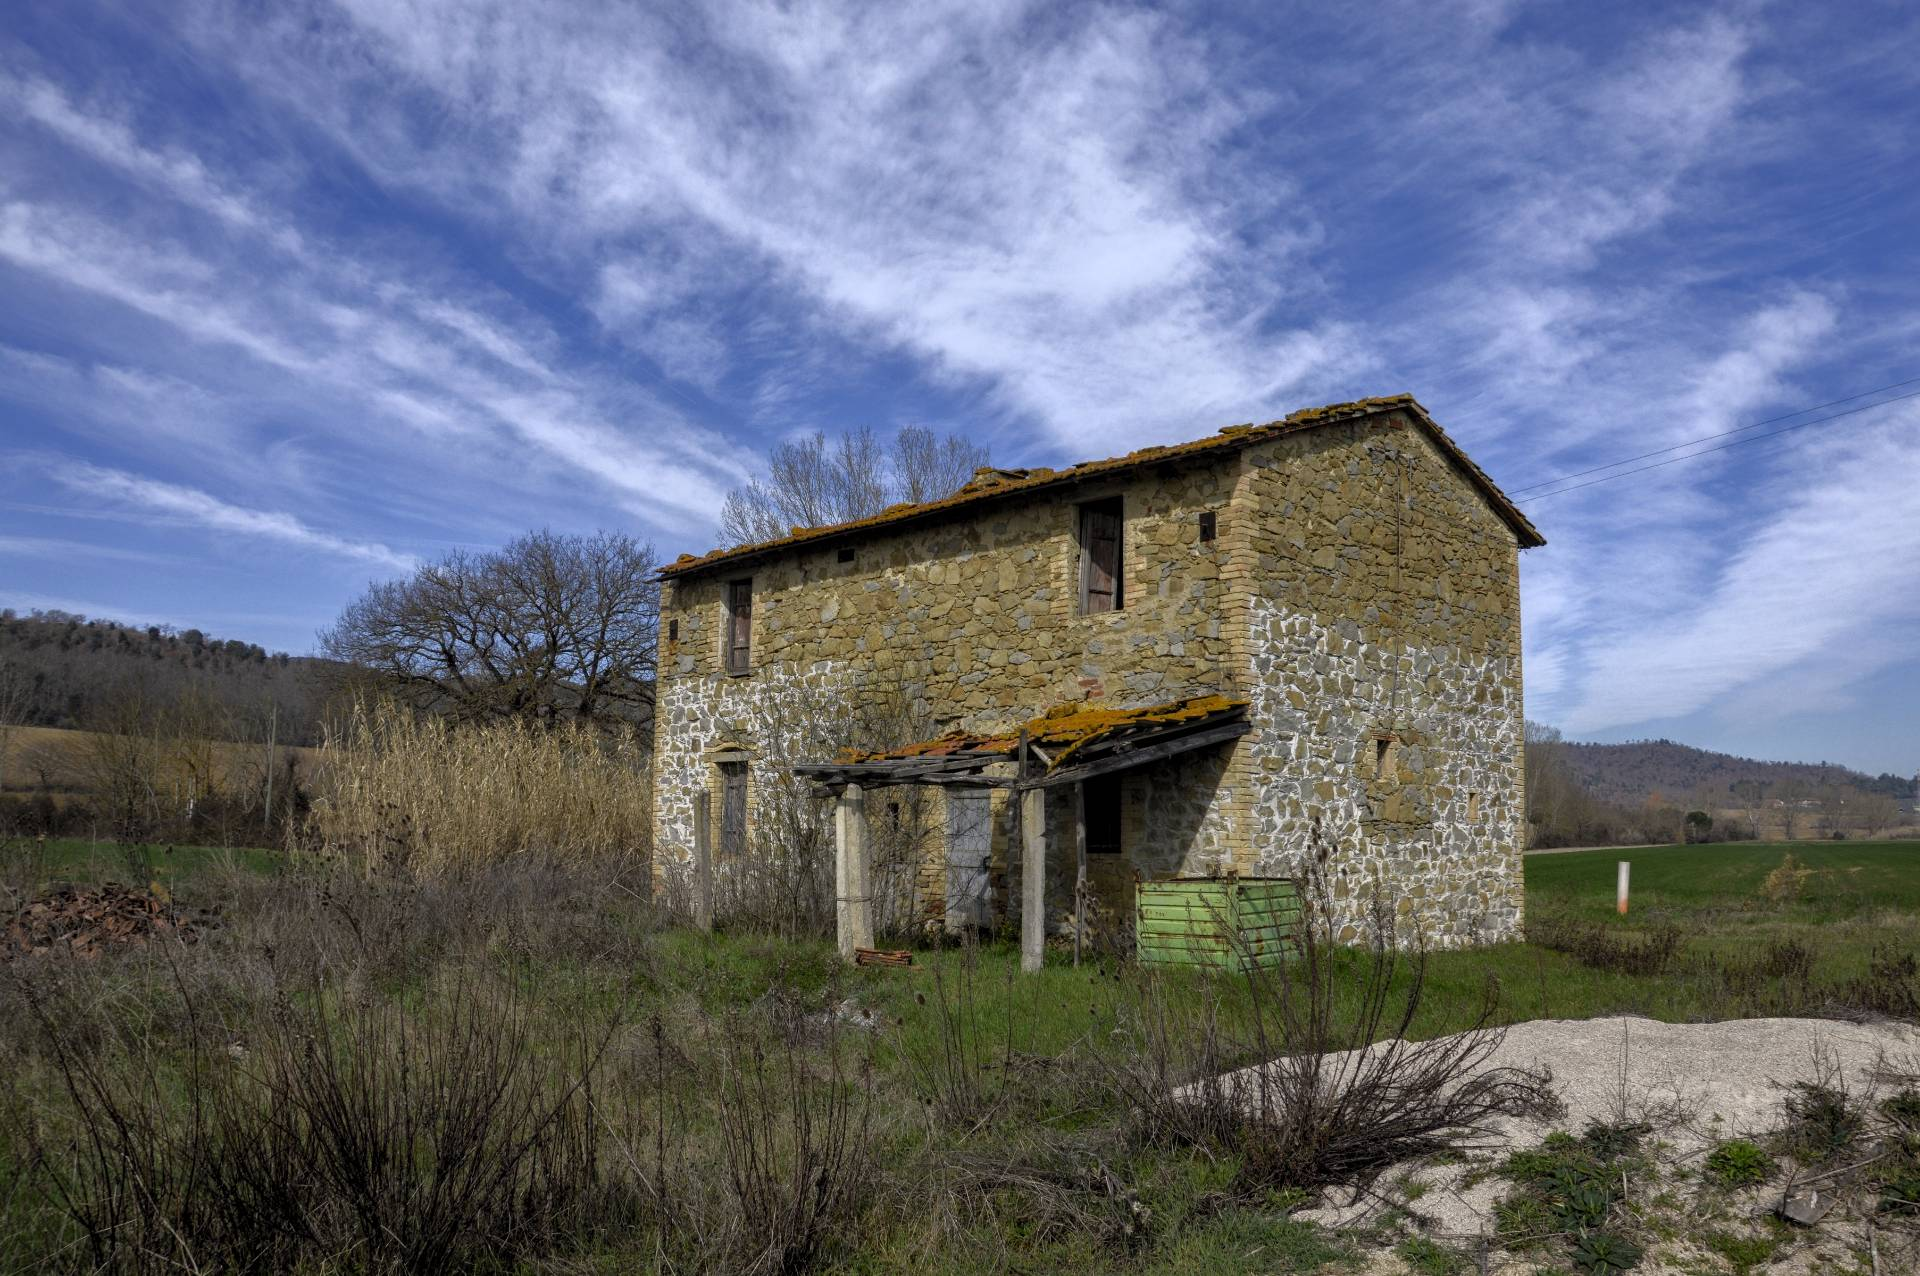 Rustico / Casale in vendita a Perugia, 6 locali, zona Zona: Mugnano, prezzo € 80.000 | Cambio Casa.it